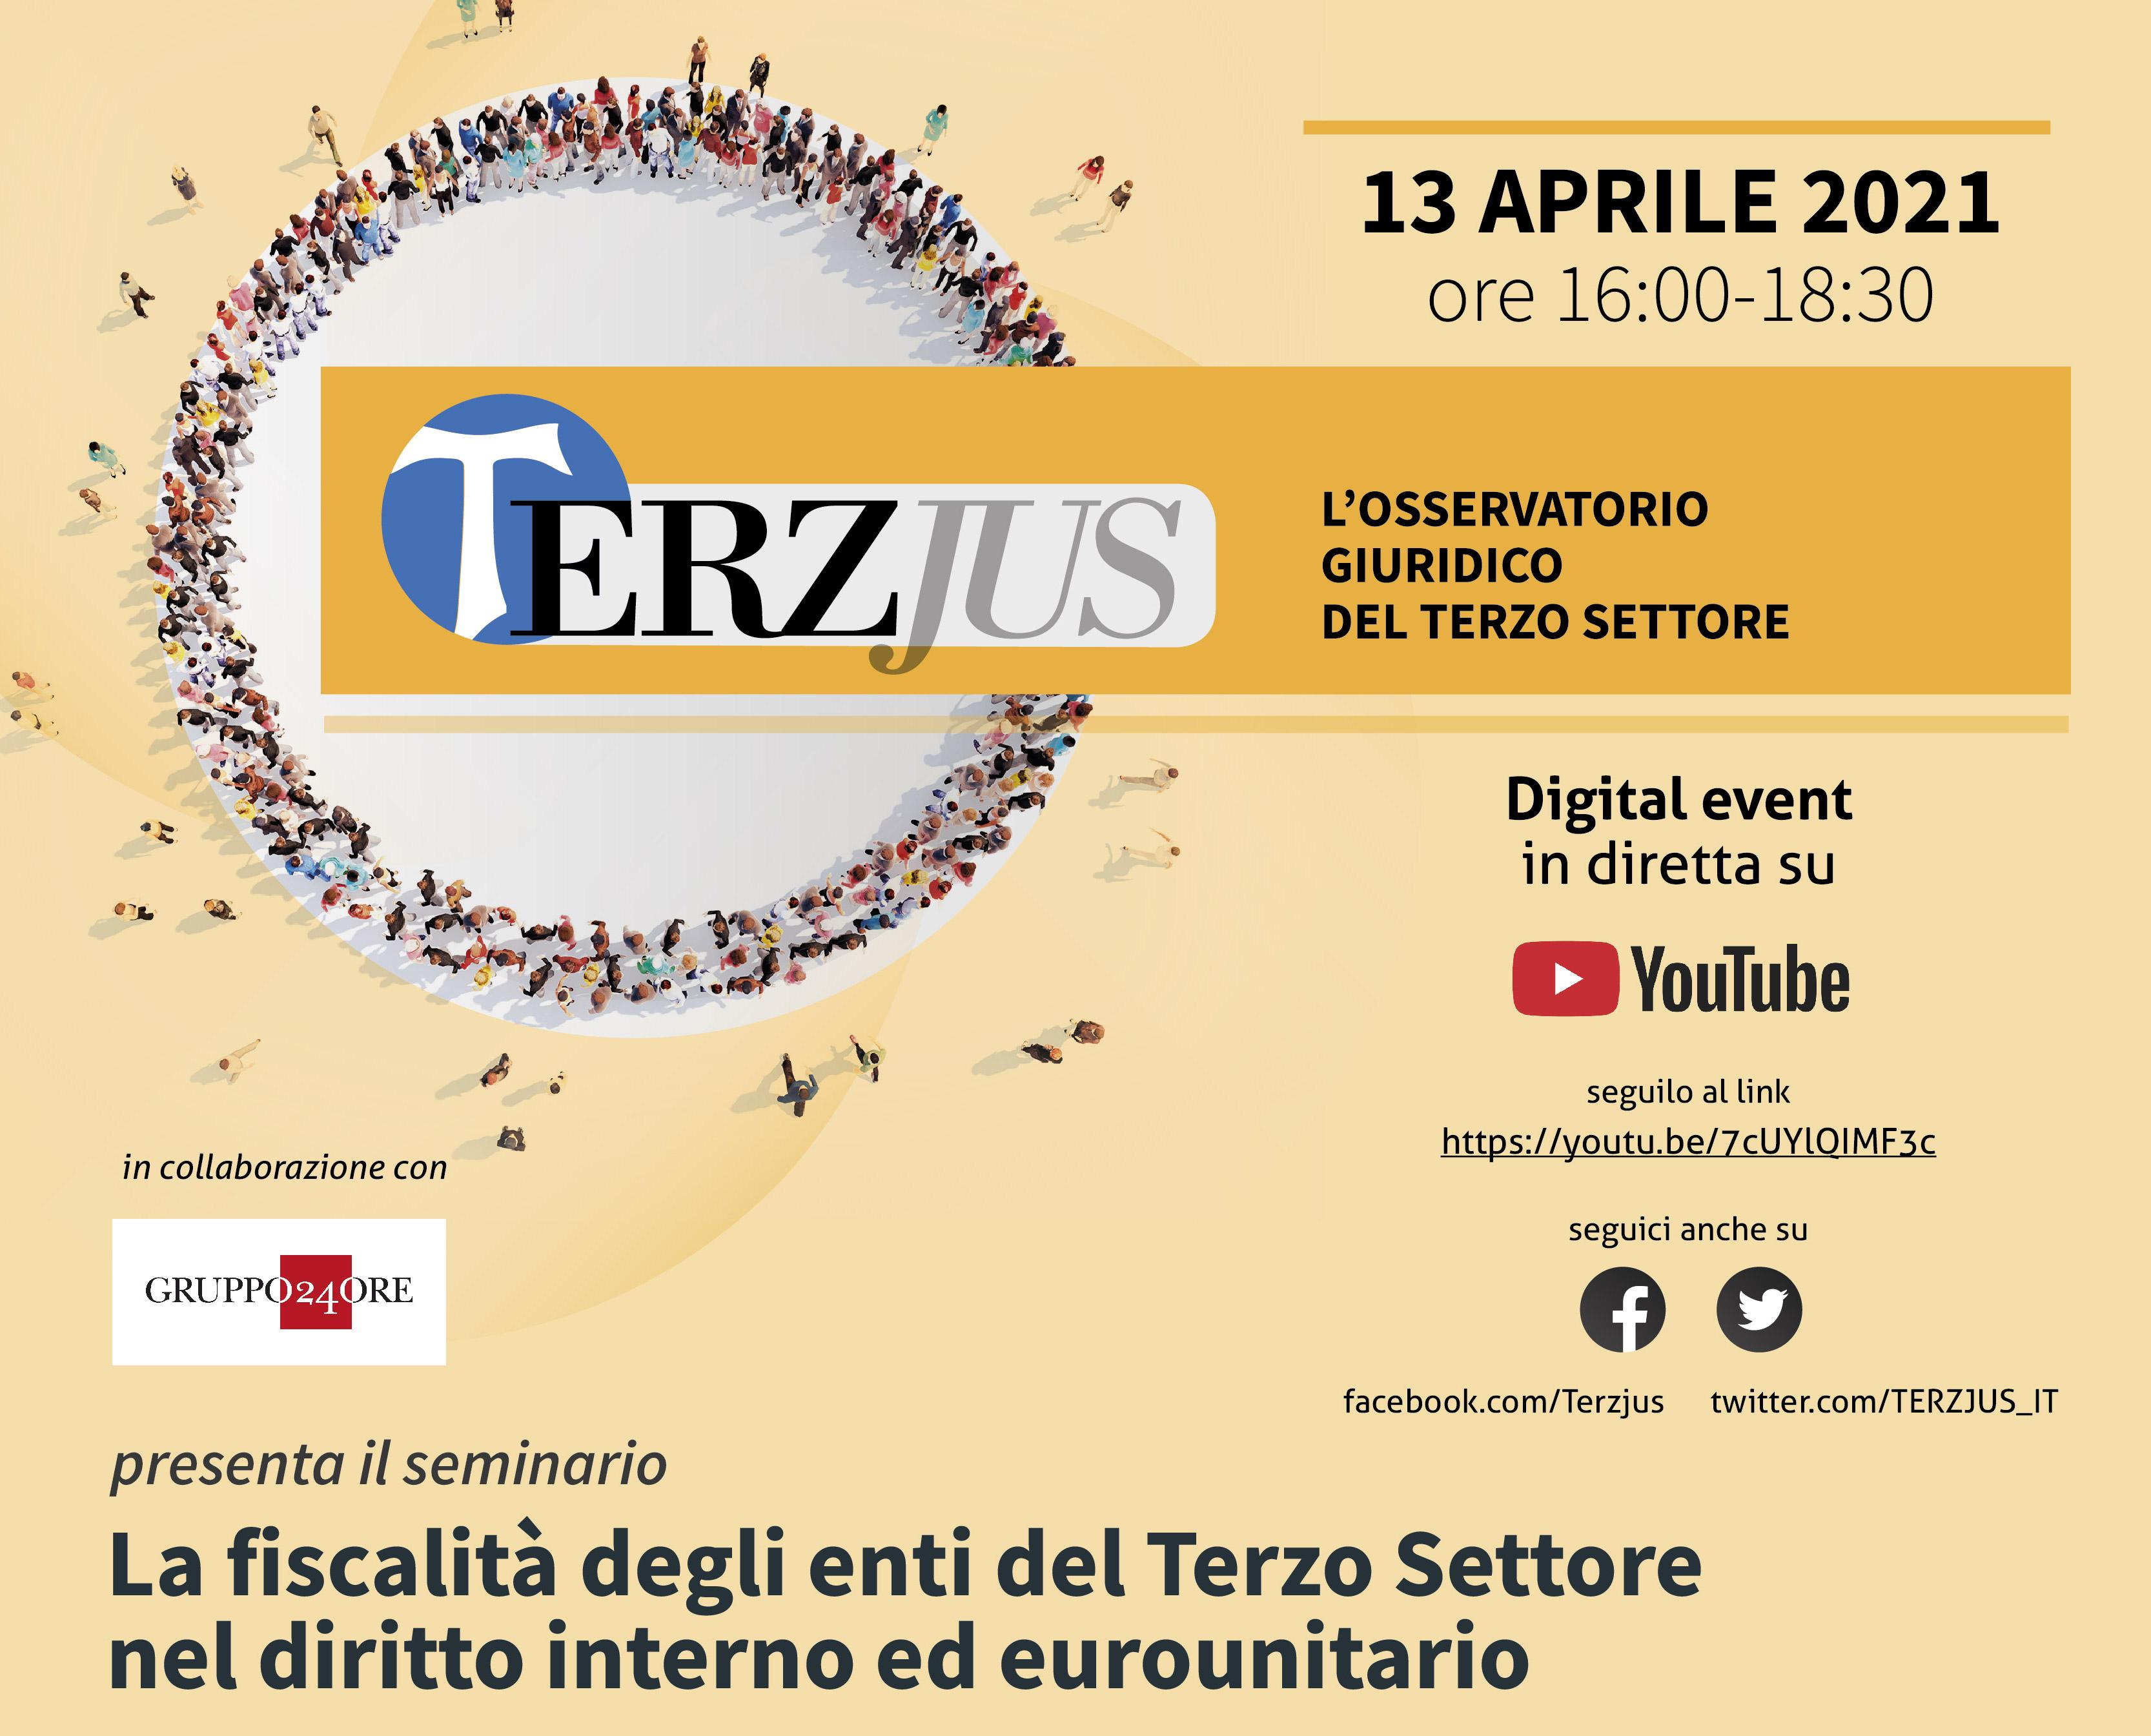 """""""La fiscalità degli enti del Terzo Settore nel diritto interno e comunitario"""" Terzjus webinar, 13 aprile ore 16"""